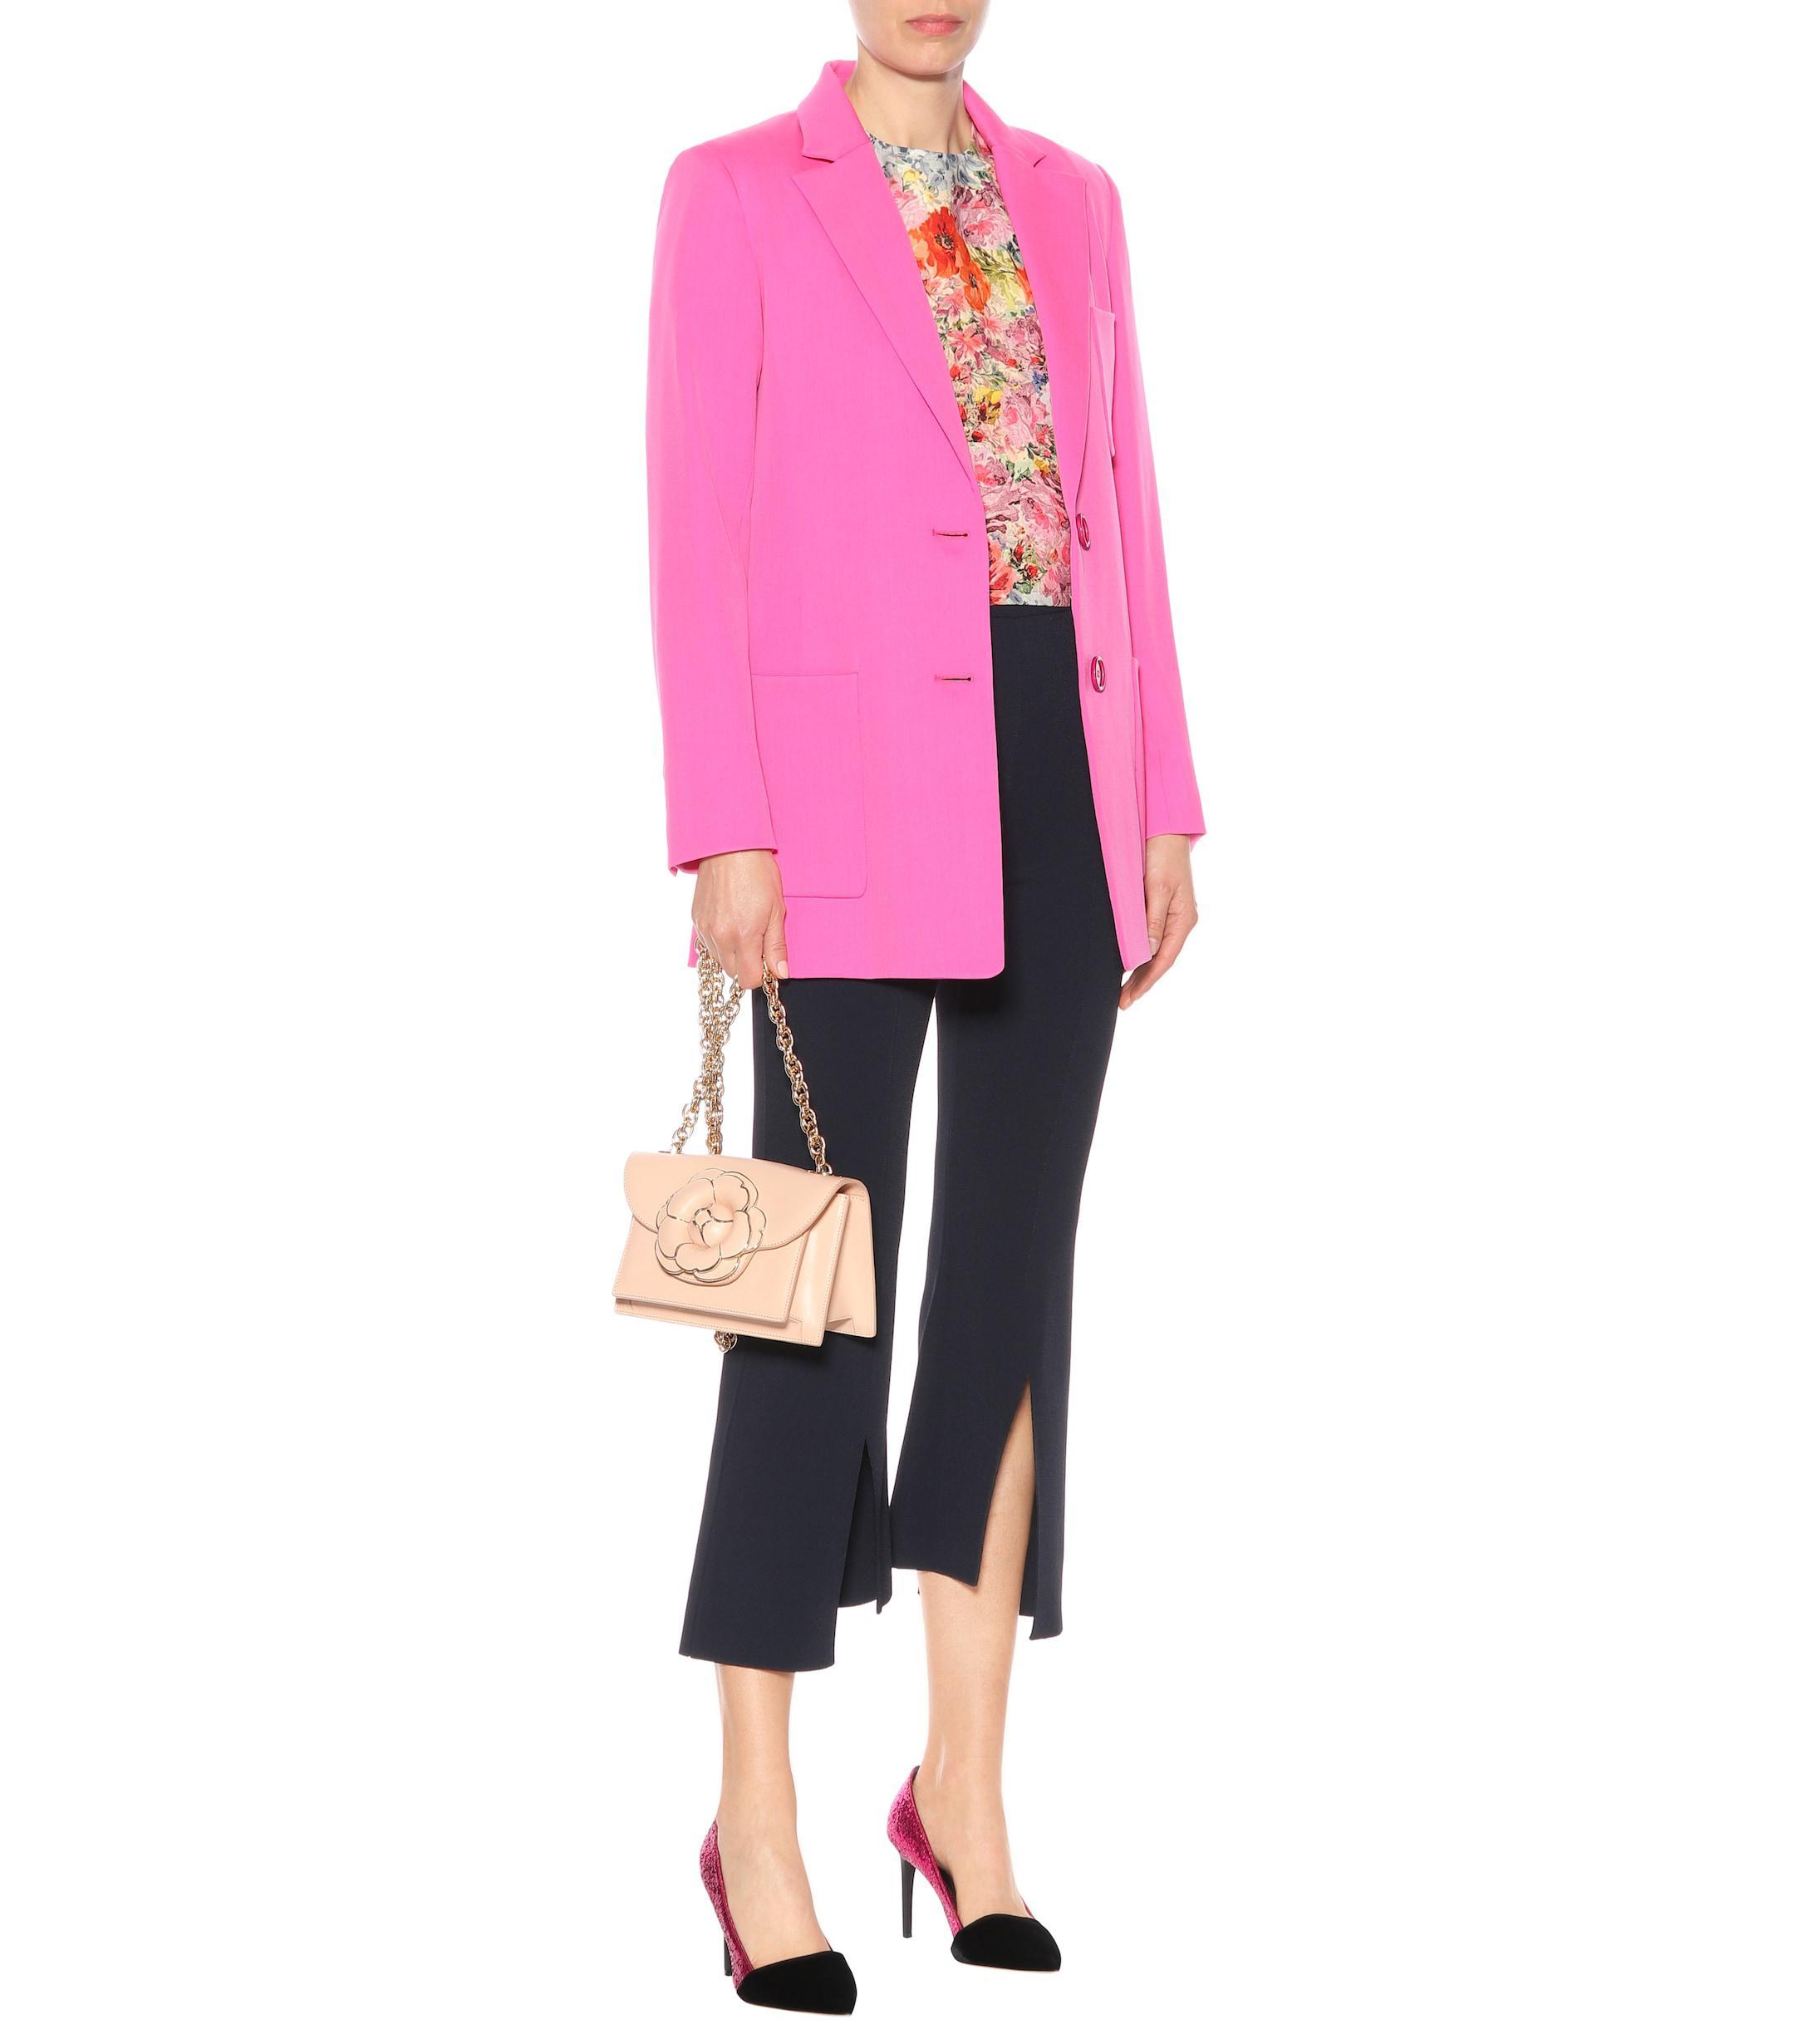 Zapatos de salón de purpurina y terciopelo Oscar de la Renta de Terciopelo de color Rosa